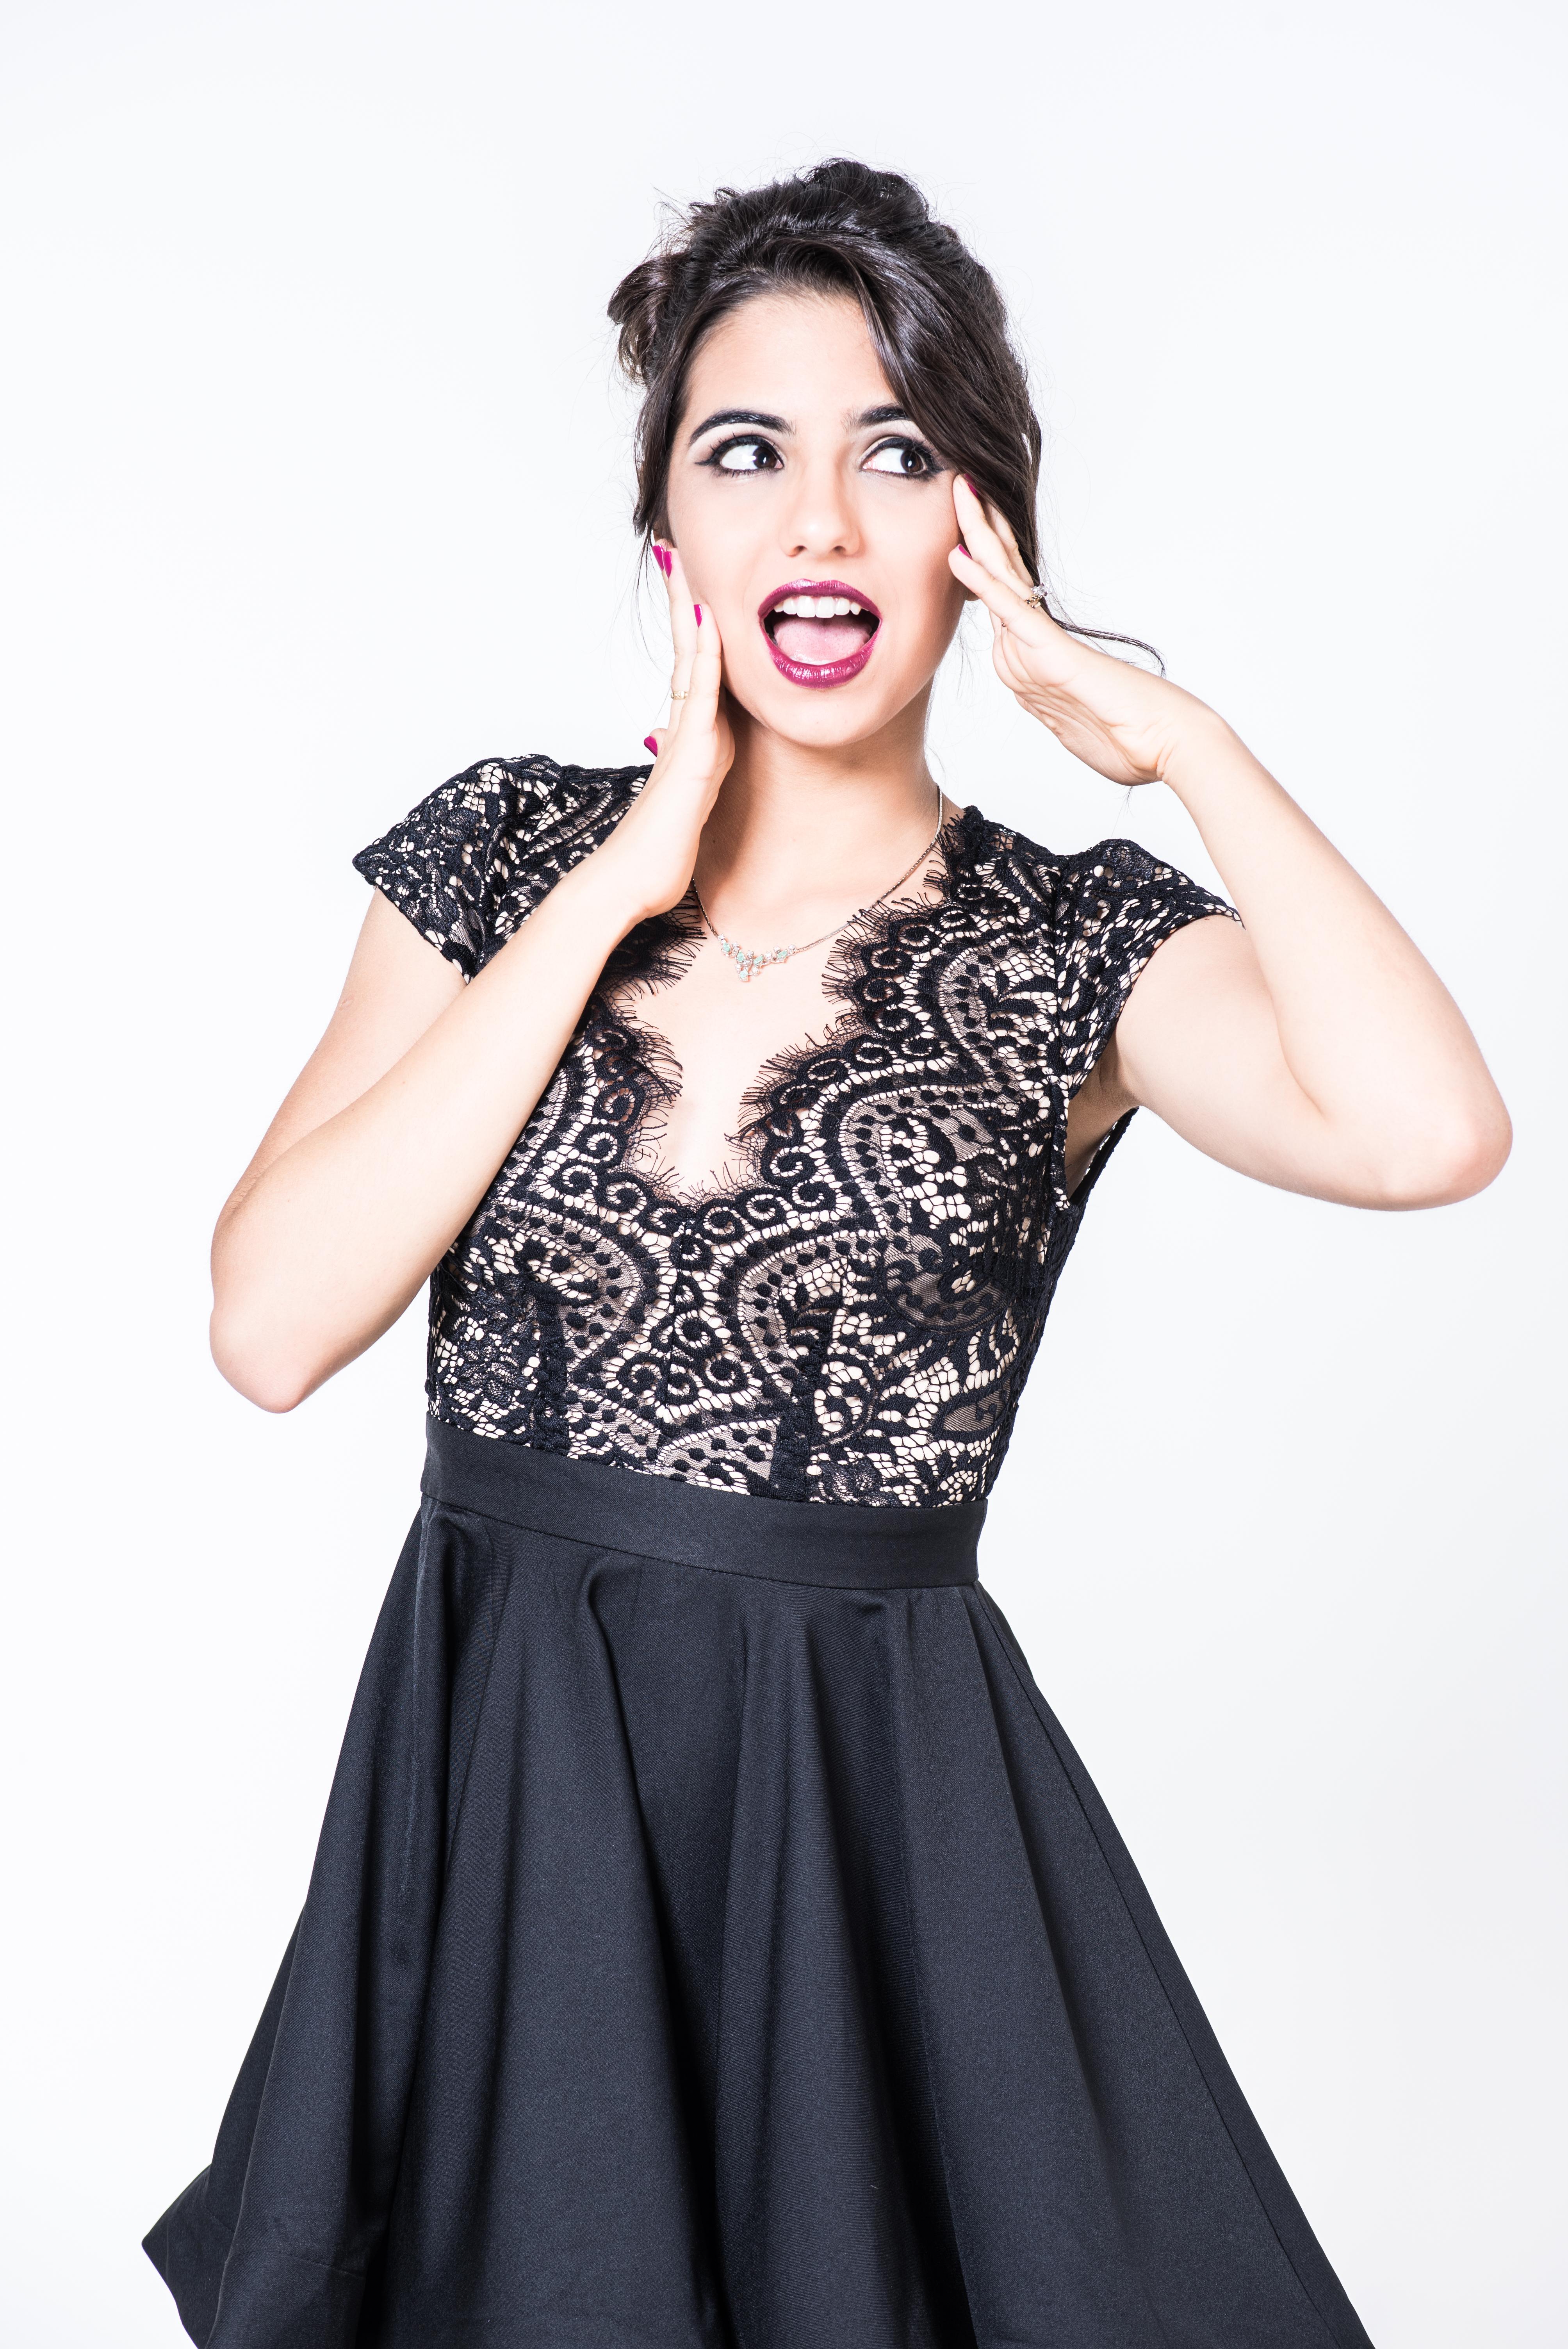 Ensaio 15 Anos - Jade Vasconcelos